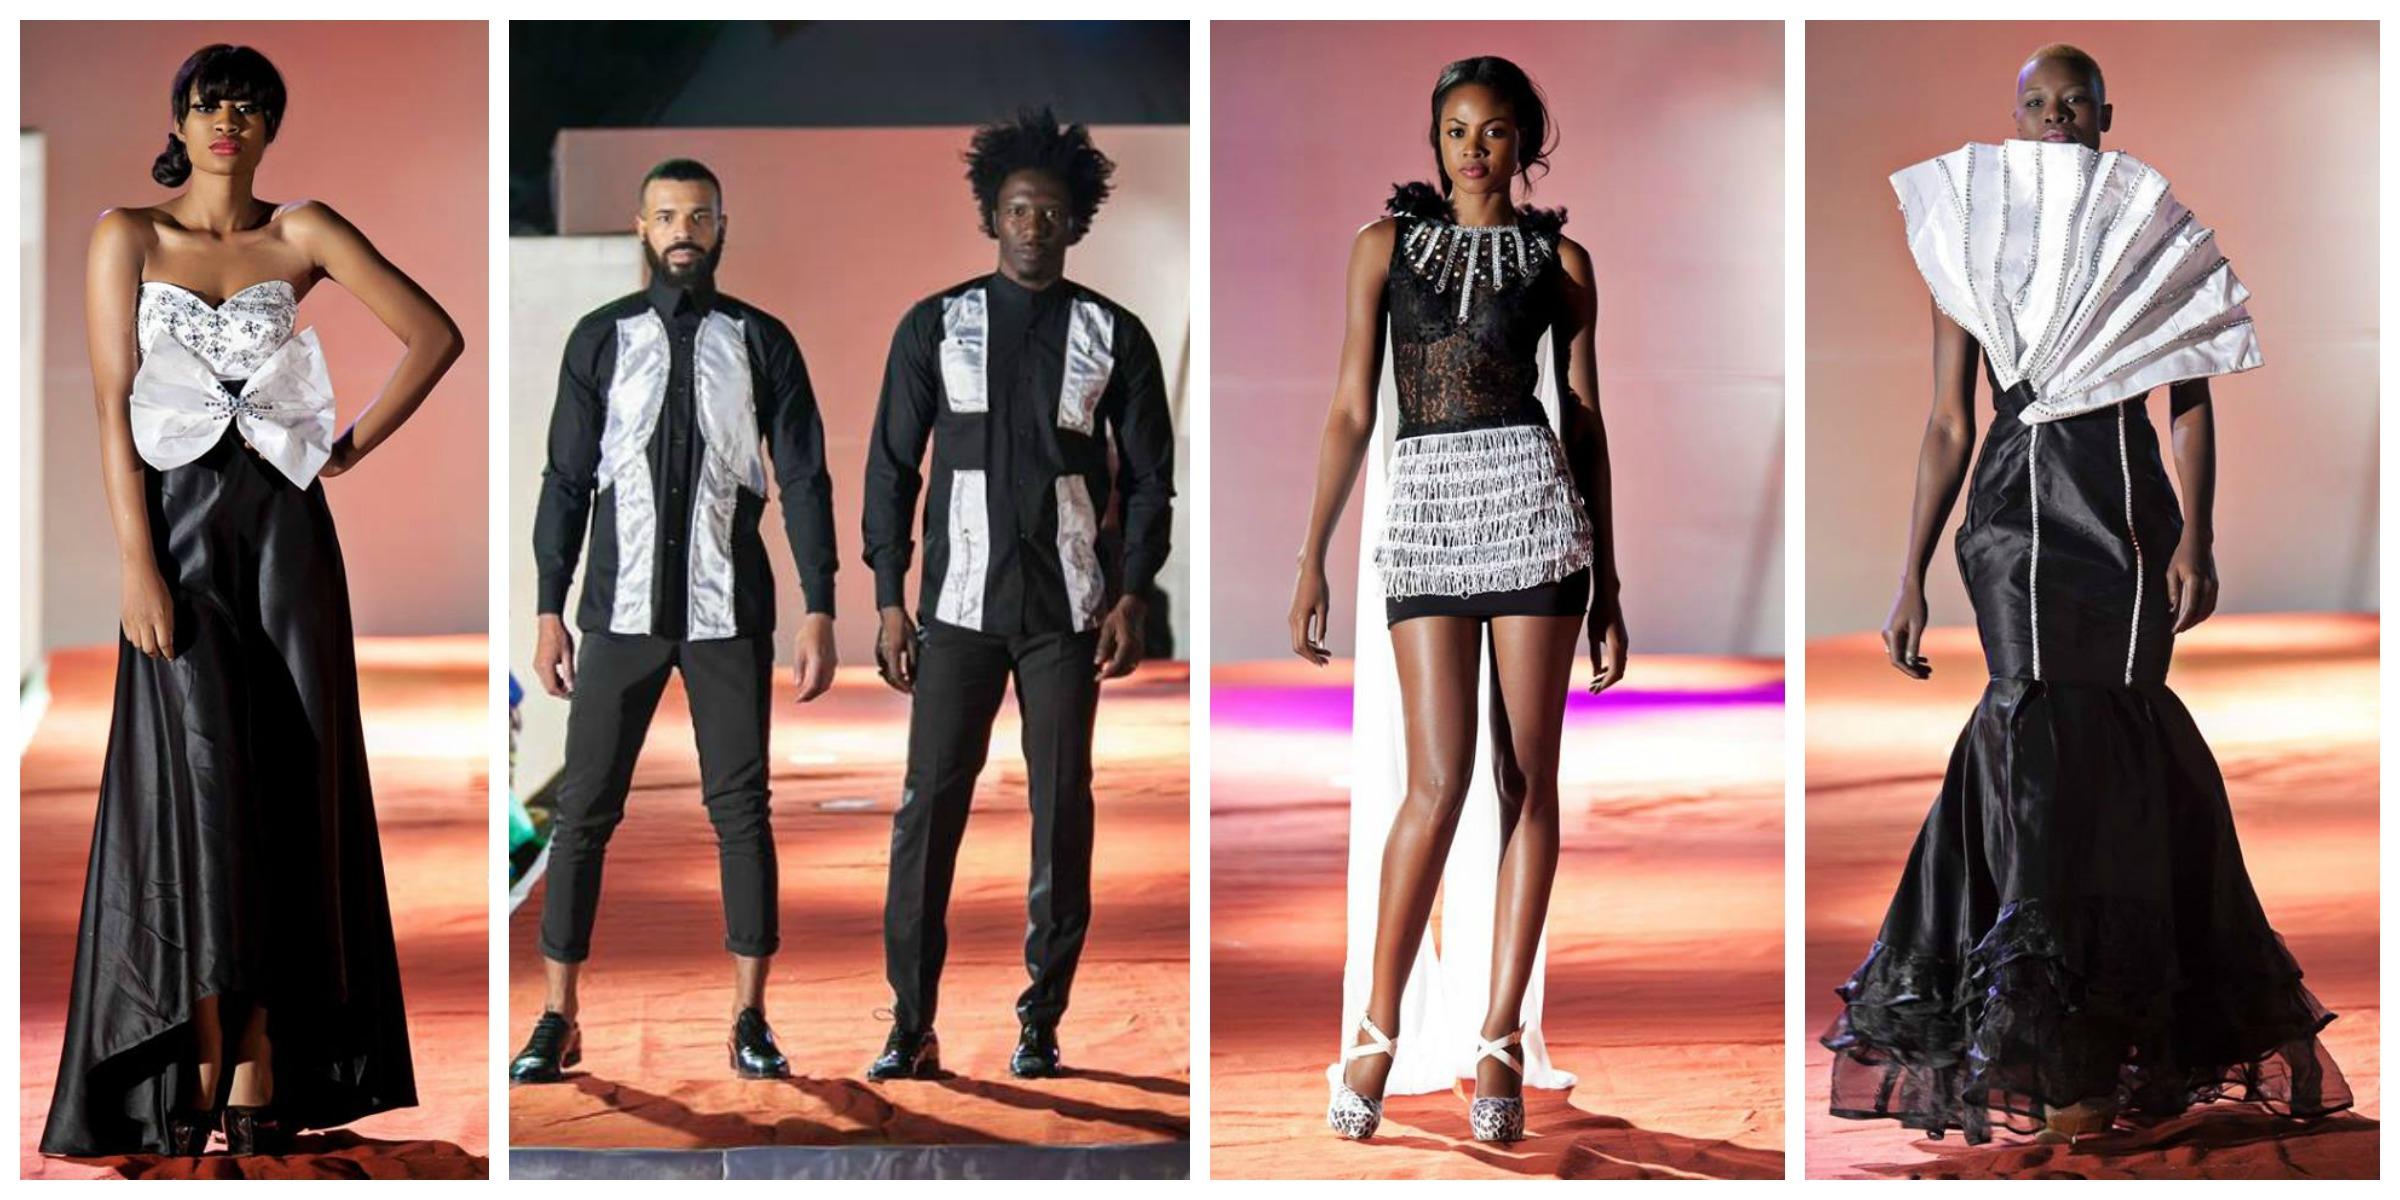 Tra Dieudonné- Côte d'Ivoire-Bamako Fashion week